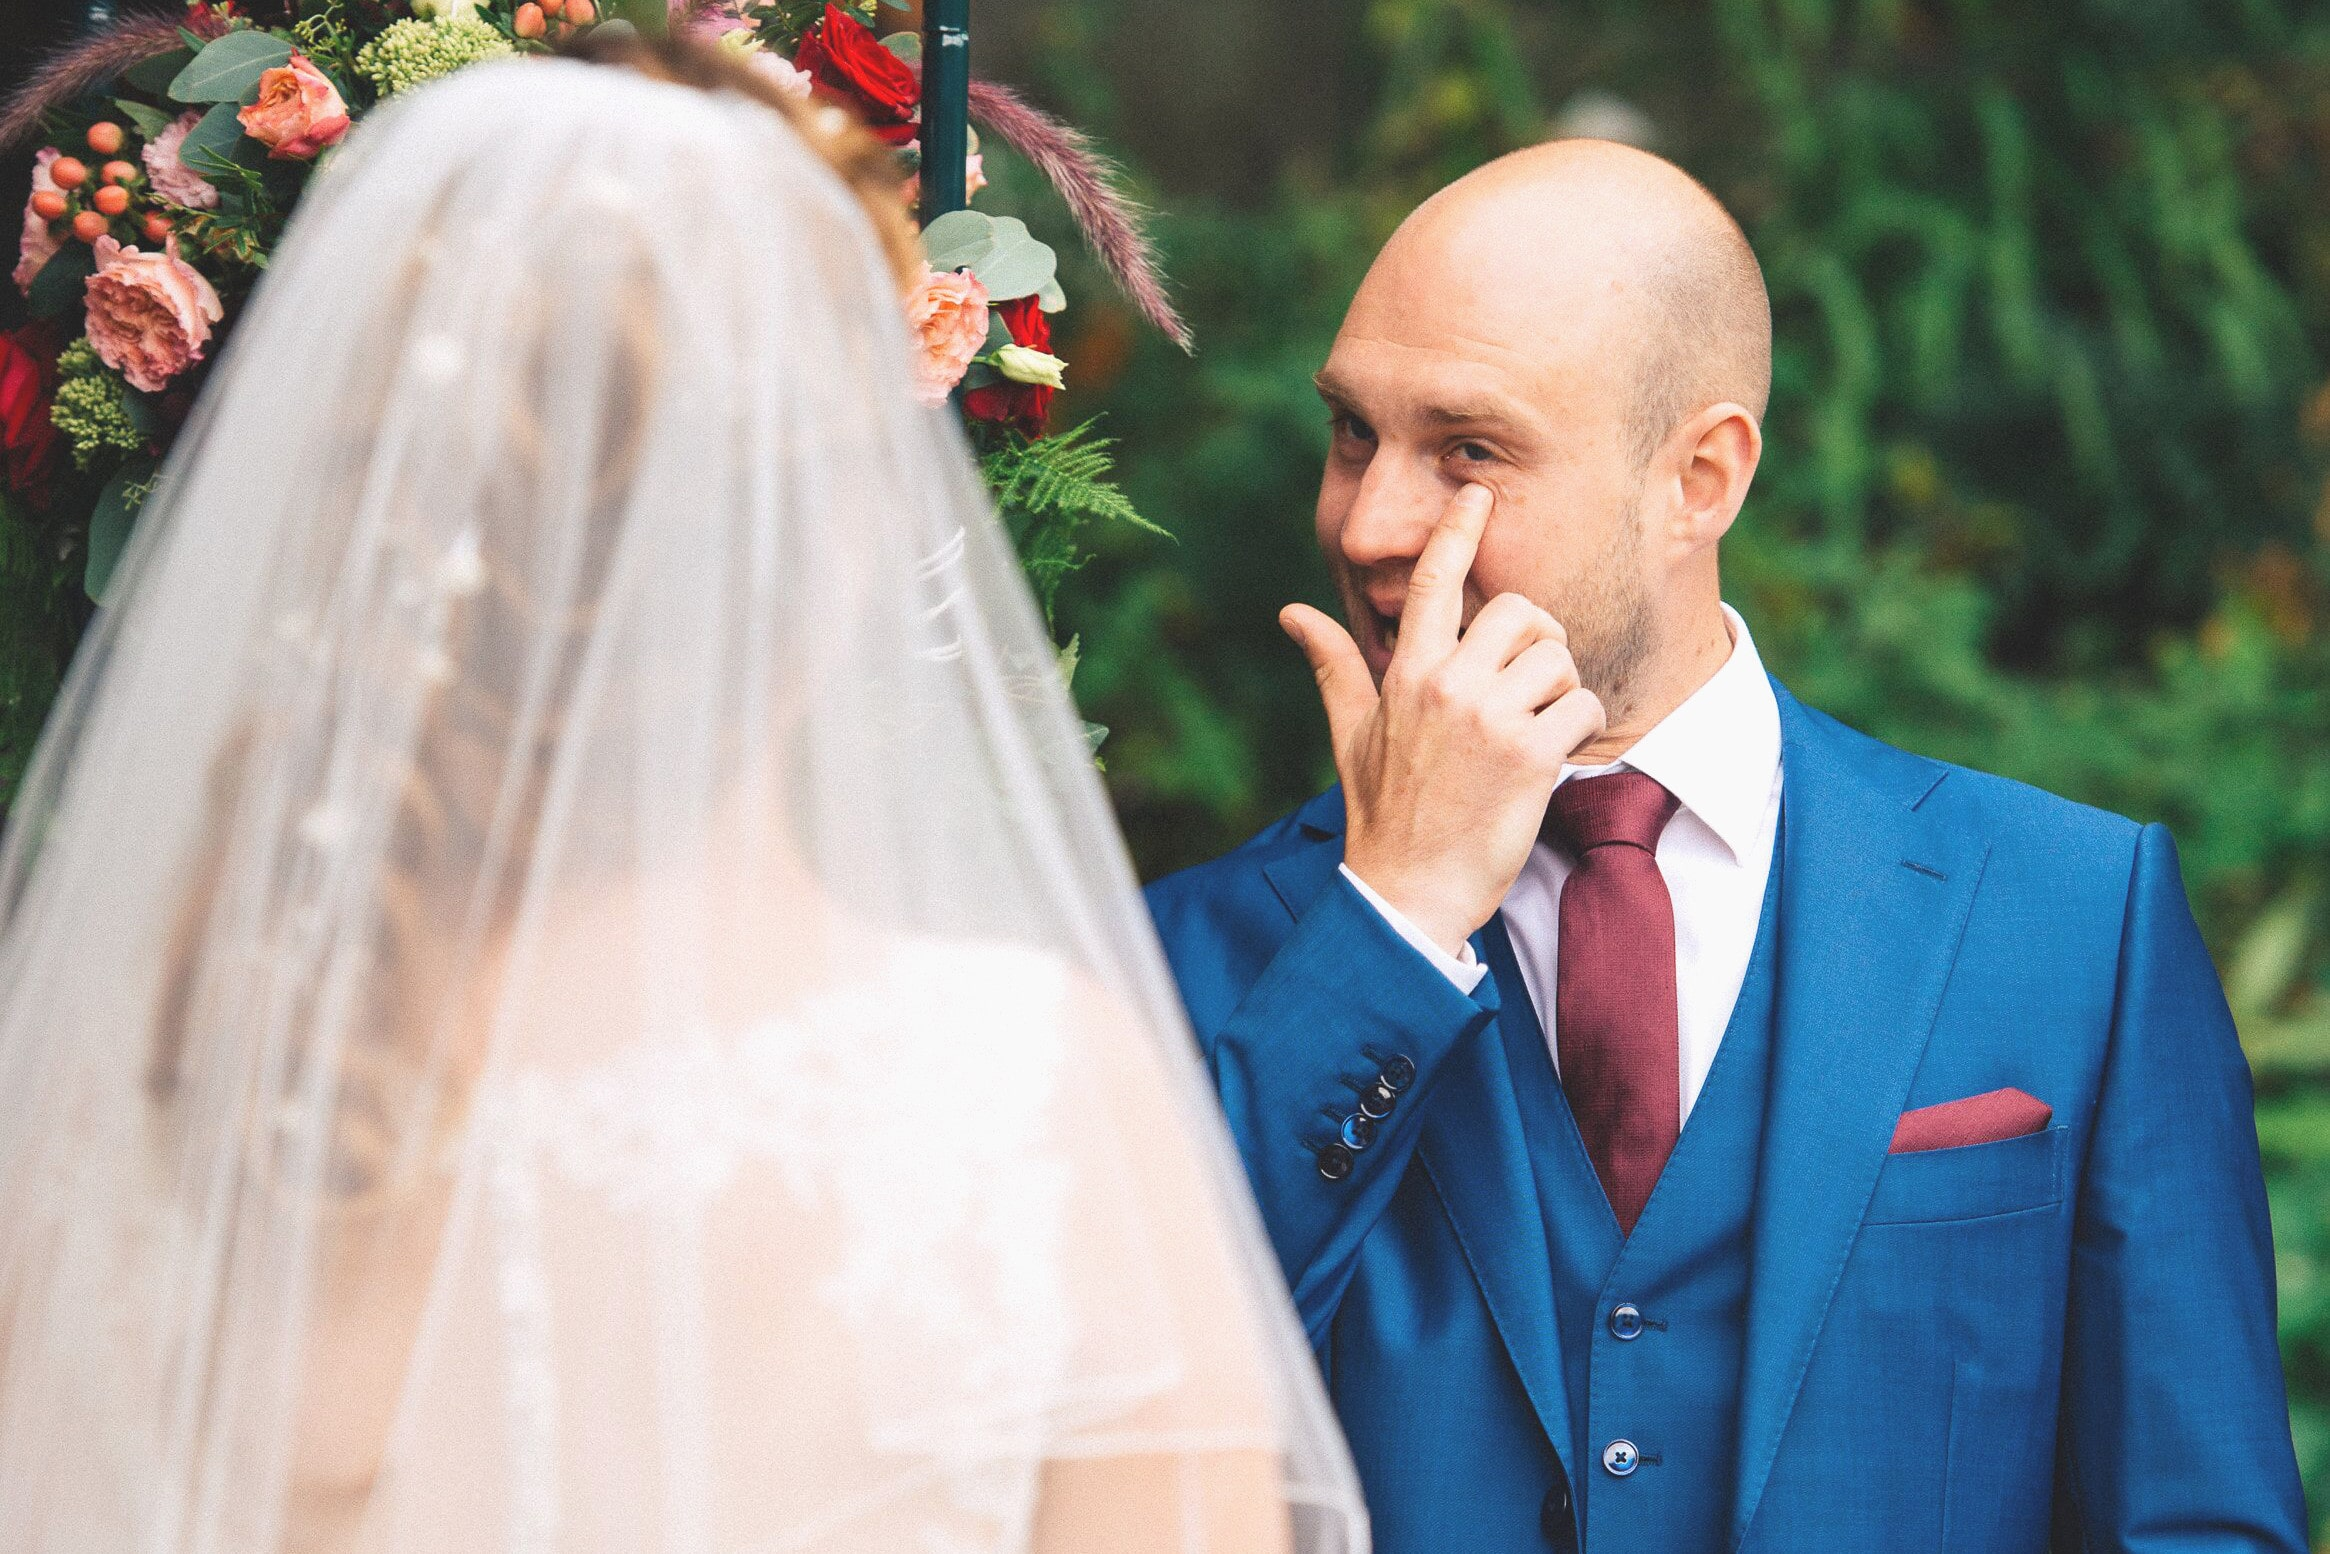 Homme qui pleure lors de son mariage